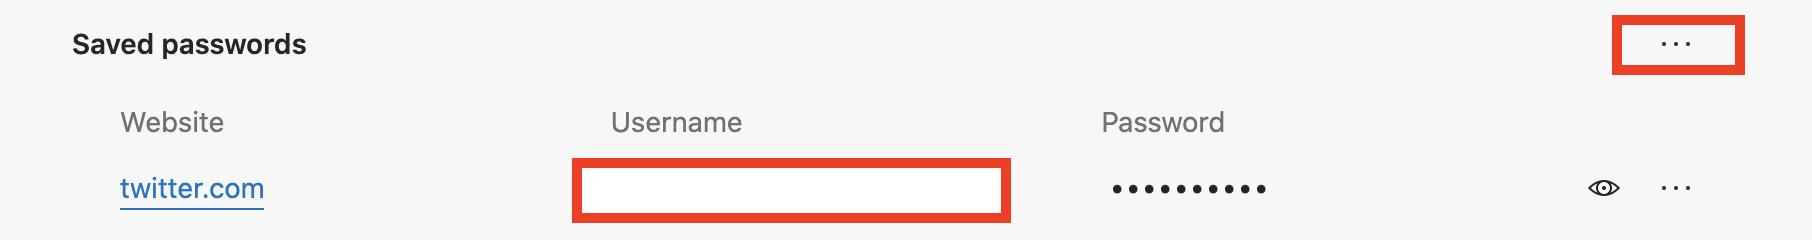 သိမ်းဆည်းထားသောစကားဝှက်များကို Microsoft Edge တွင်တင်ပို့နည်း